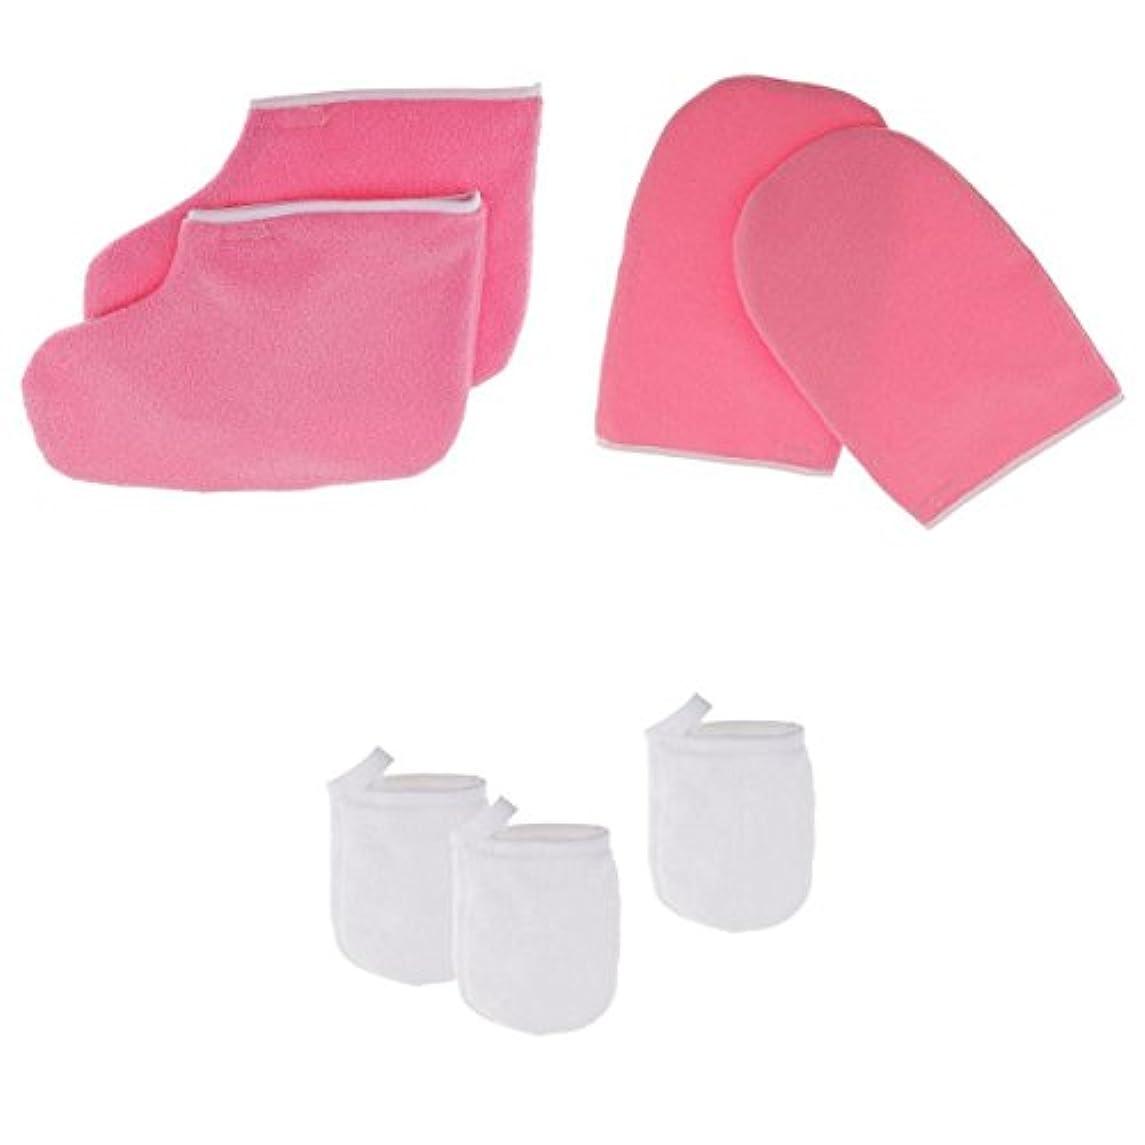 池マニフェストブレークグローブ パラフィンワックス保護手袋 フェイシャルクレンジンググローブ クレンジンググローブ メイクリムーバー パッド